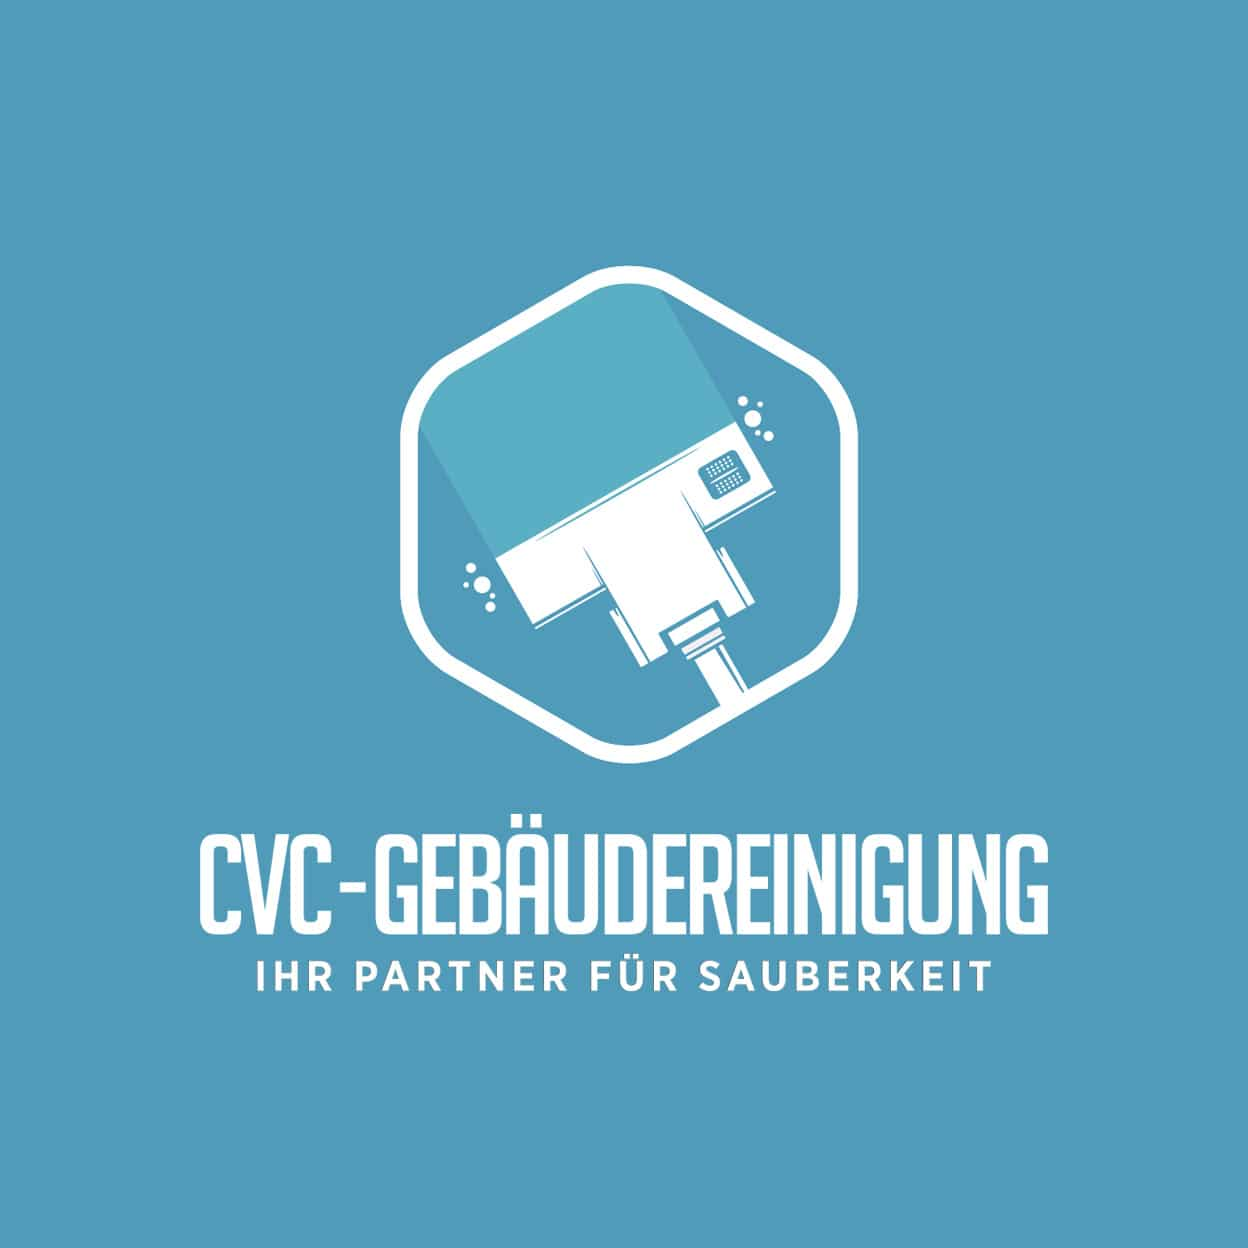 CVC-Gebaeudereinigung-Design-Portfolio-Tailor-Designs